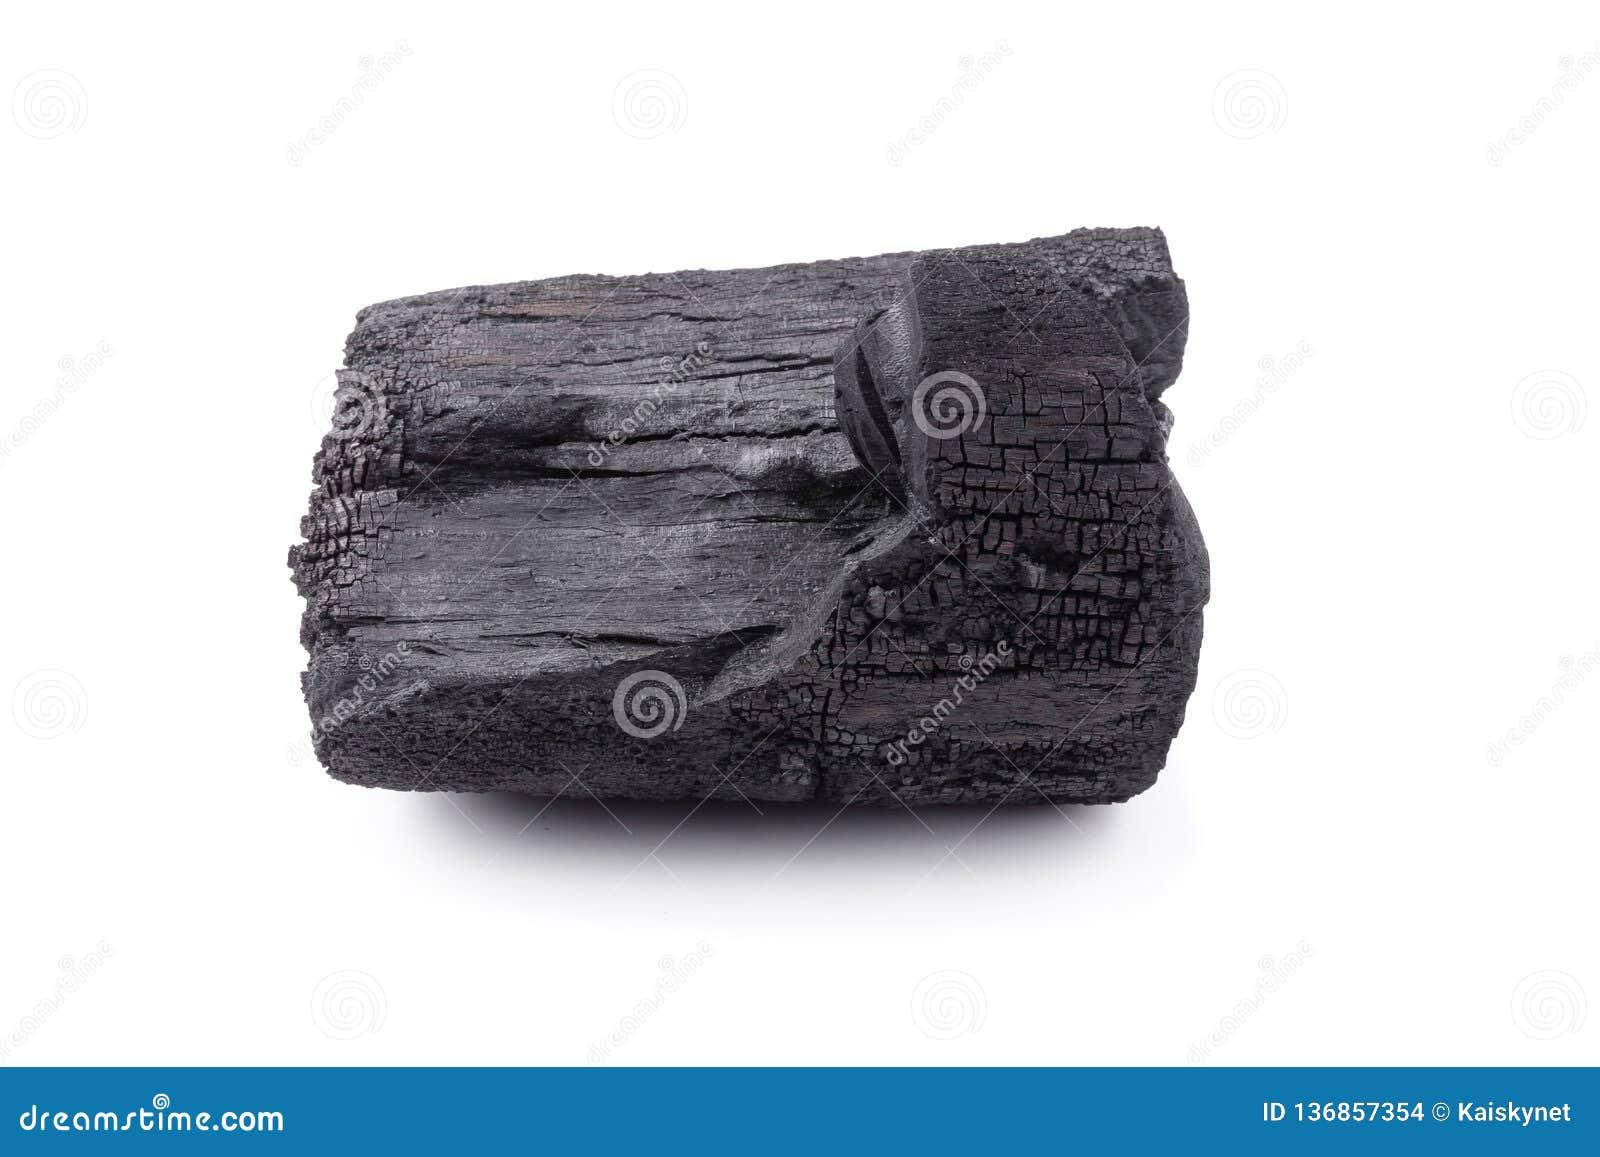 Carvão vegetal de madeira natural isolado sobre o fundo branco